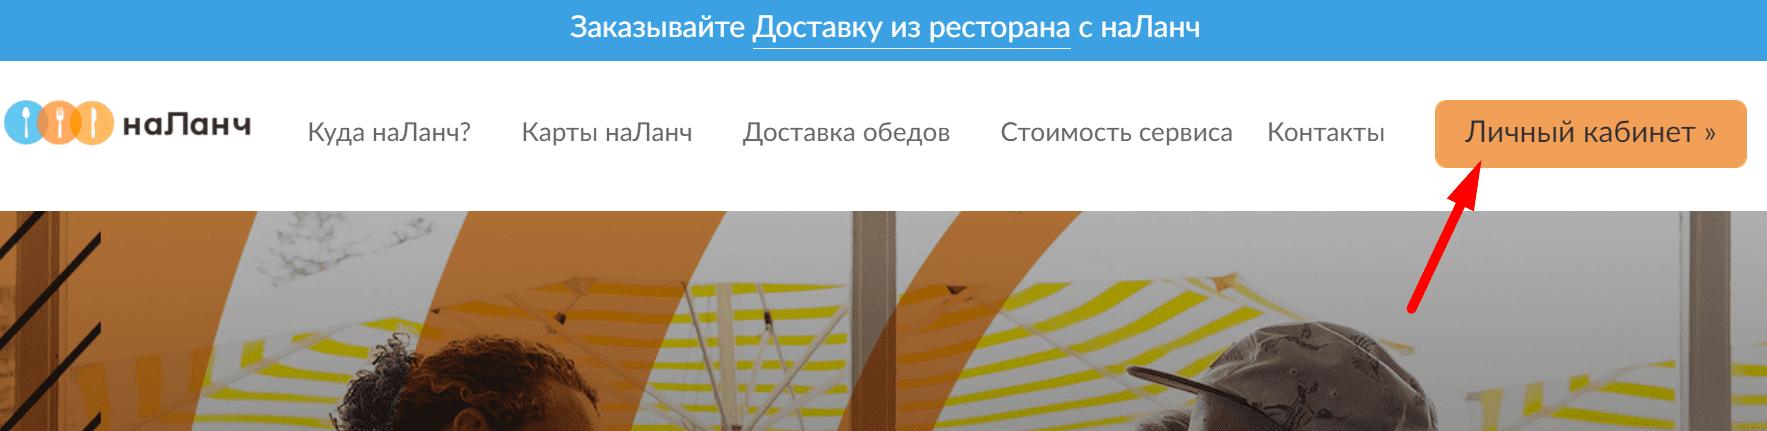 """Ссылка на сайт службы доставки еды """"На Ланч"""""""